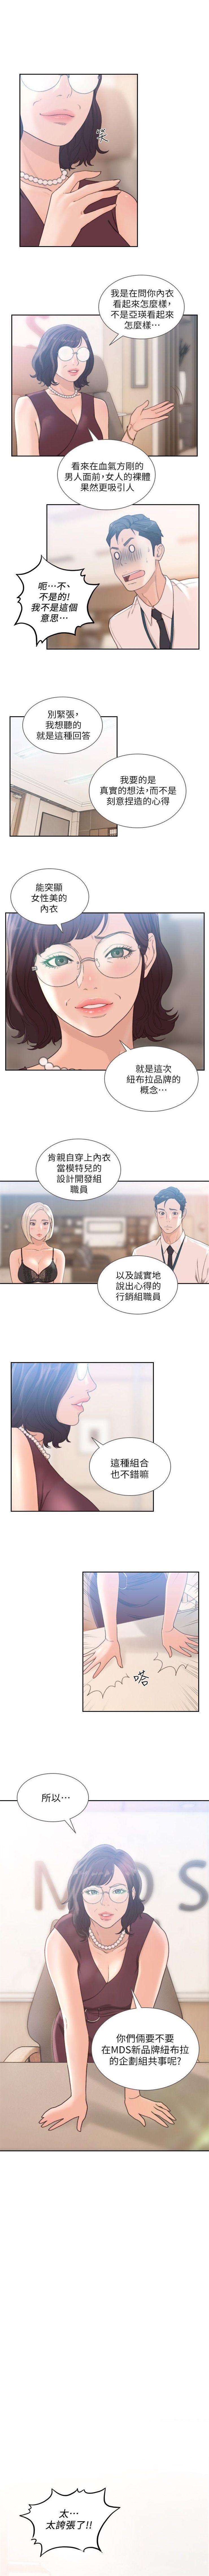 前女友 1-48 中文翻译(更新中) 46